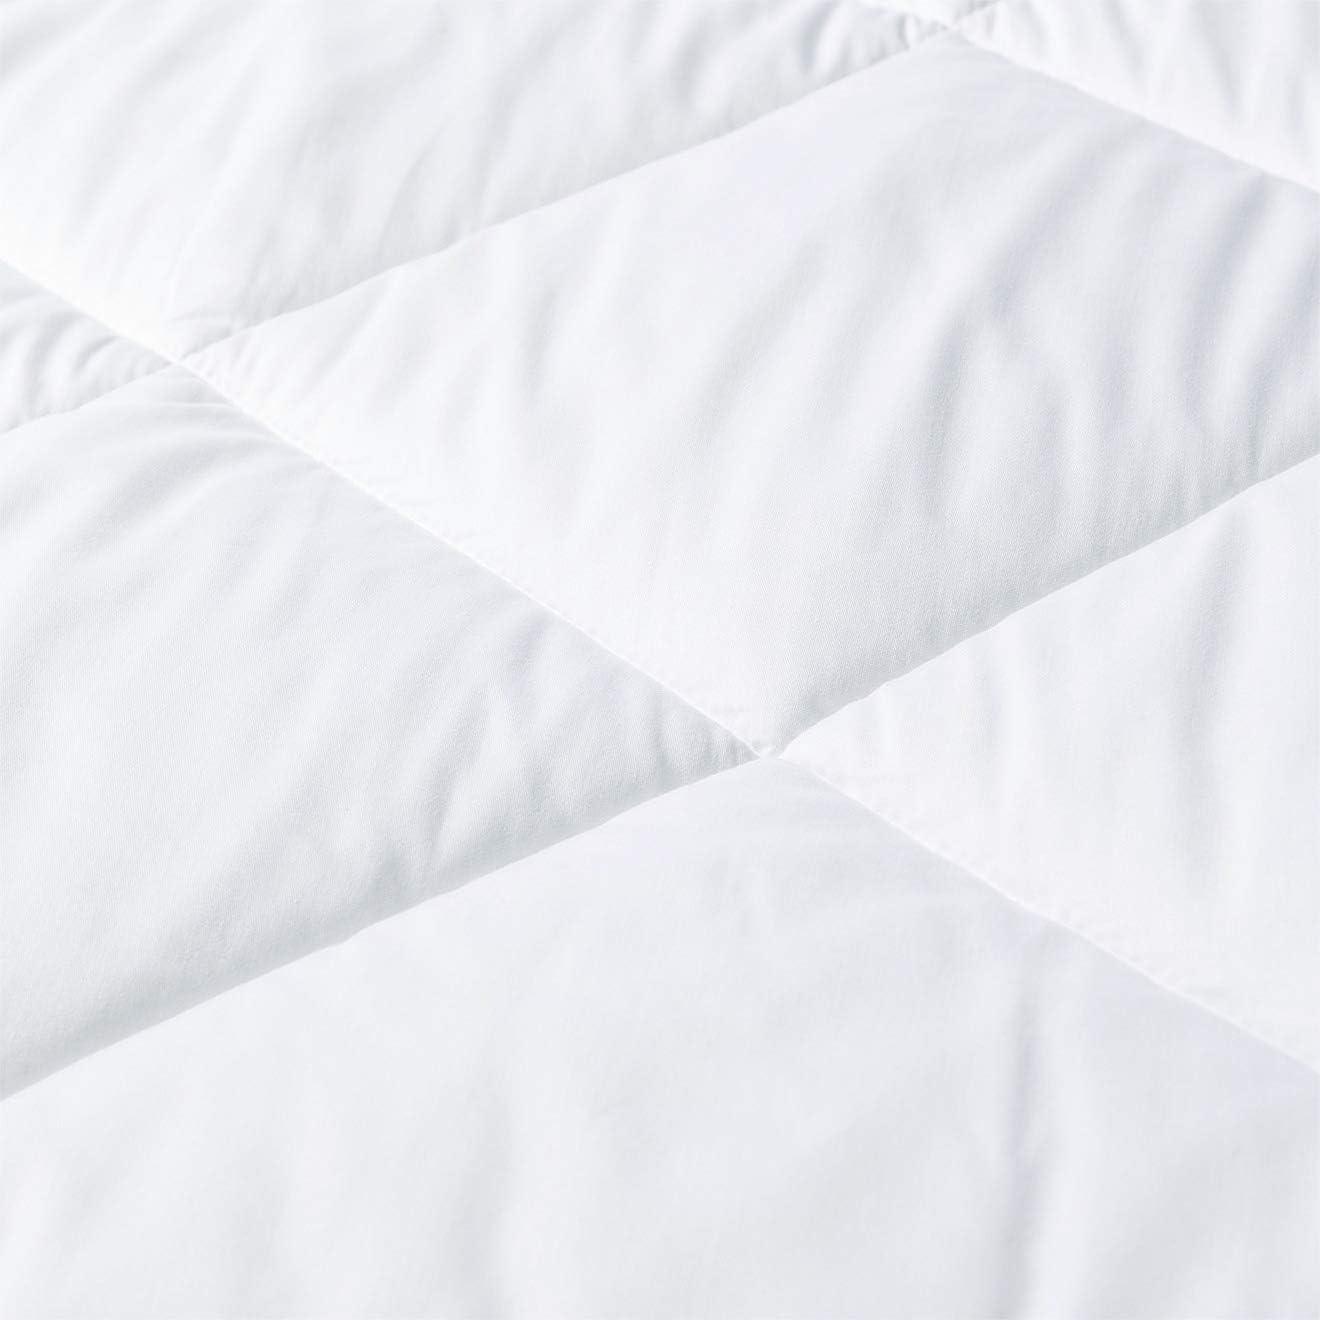 hypoallerg/énique couette en microfibre Blanc, 240 x 220 cm Melunda Couette